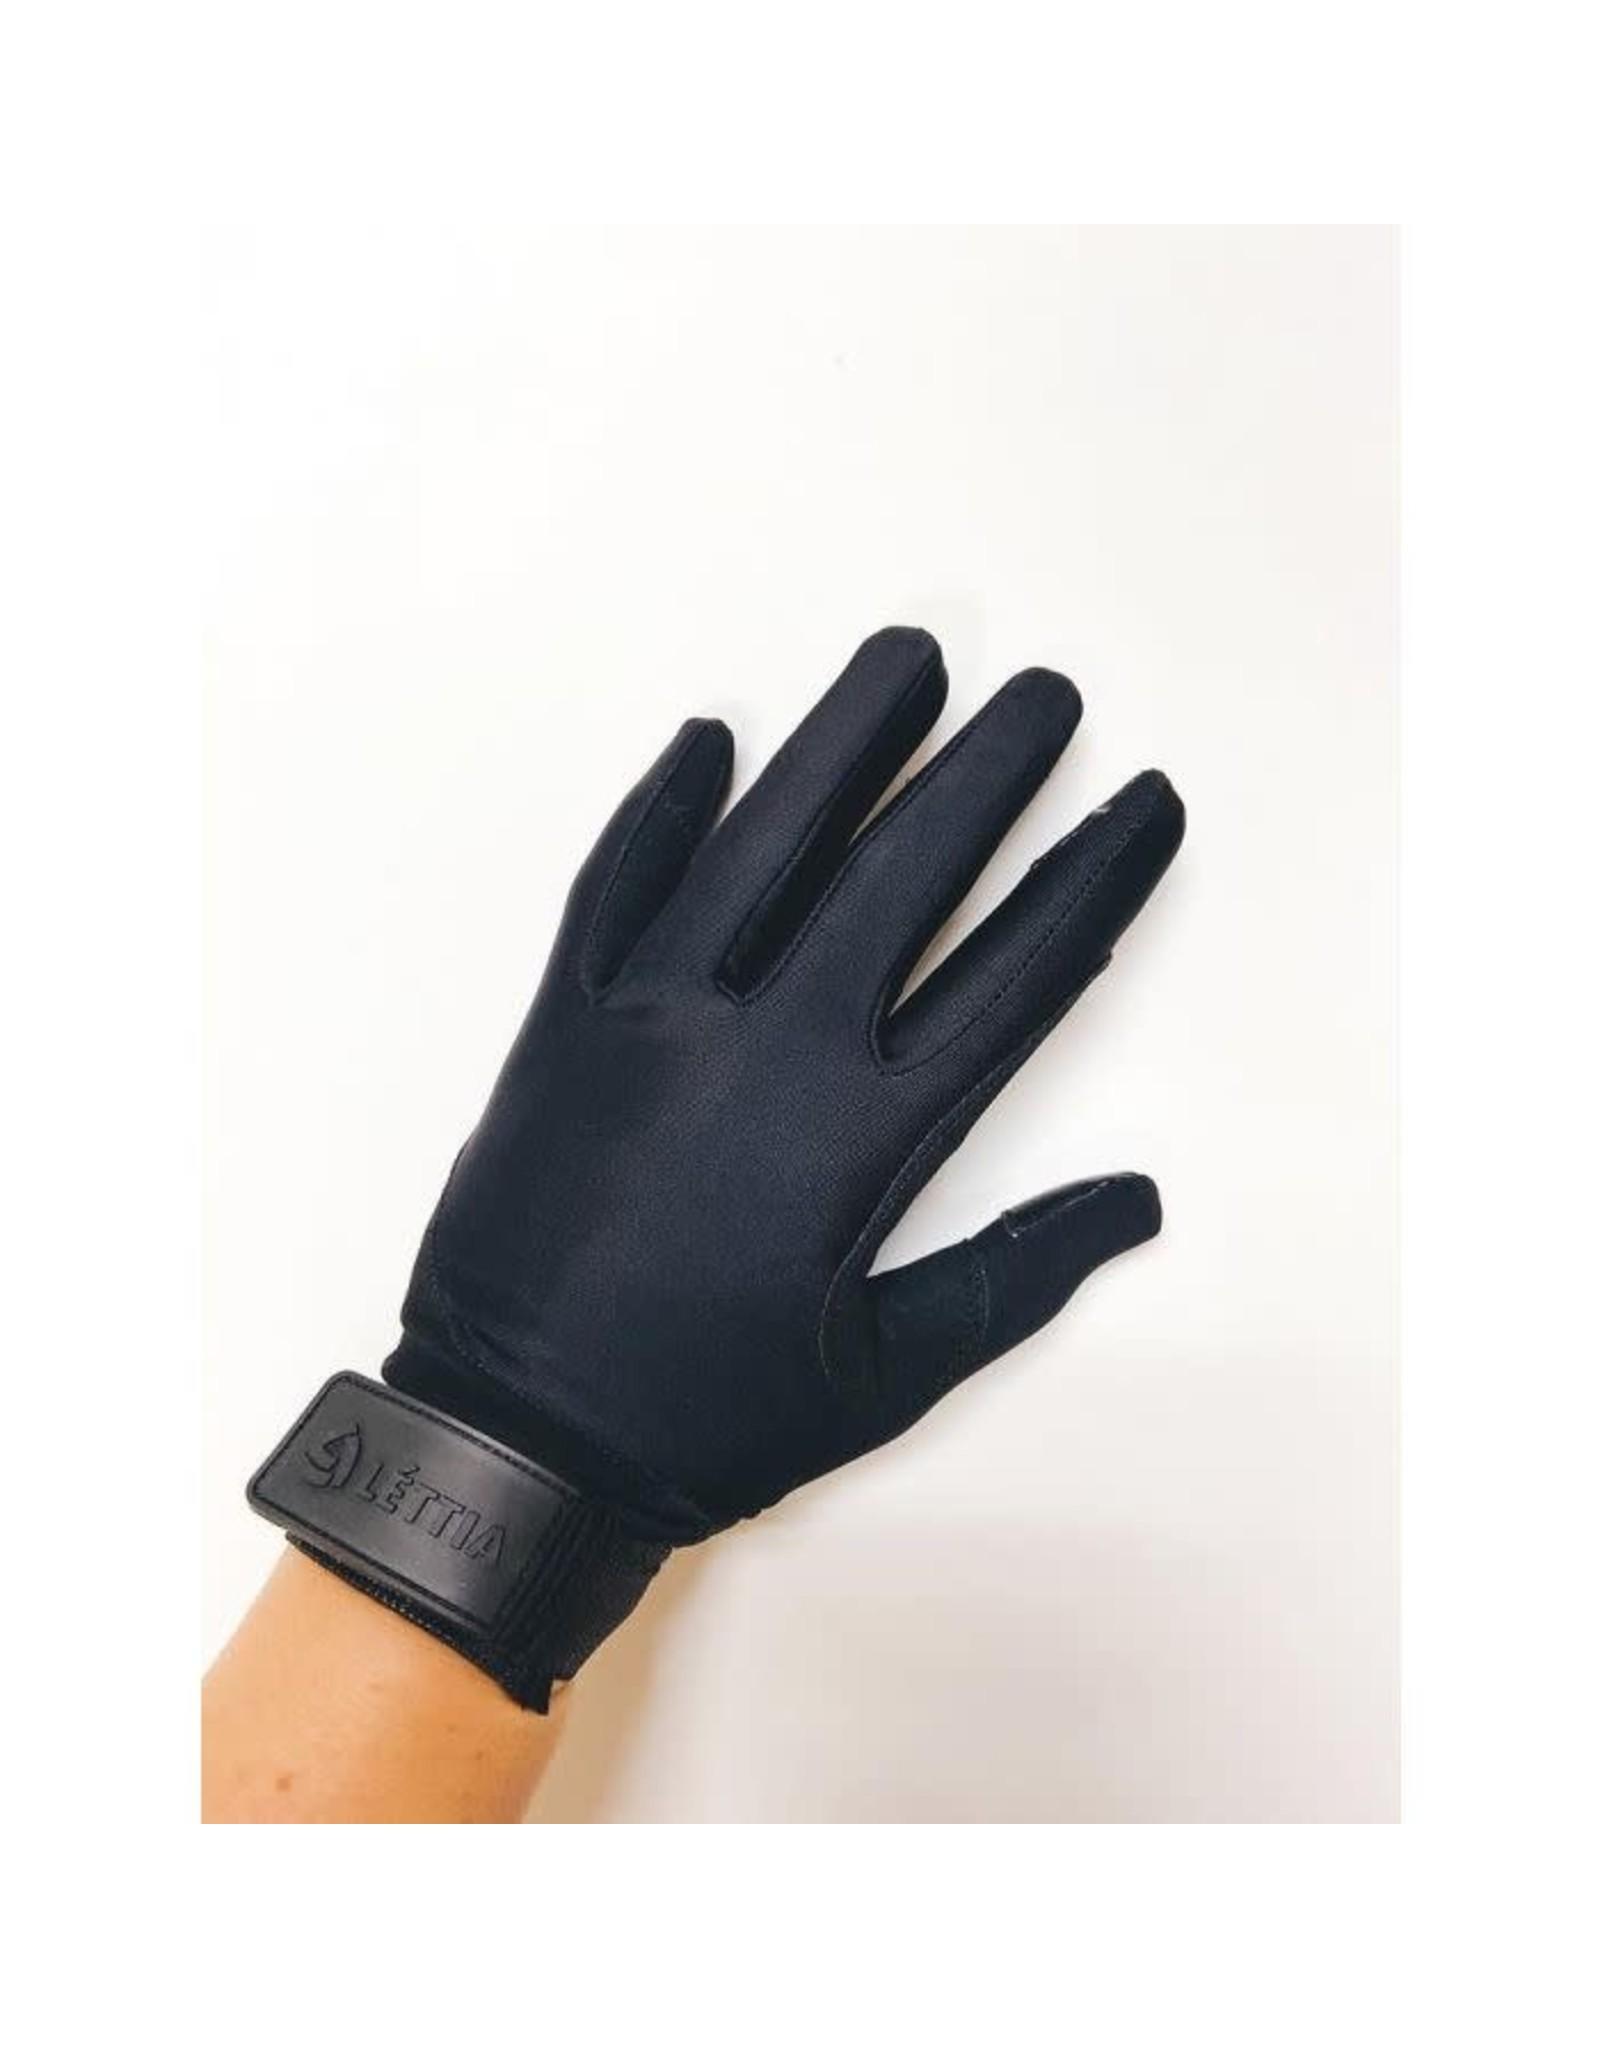 LÉTTIA Shield Gloves Lycra Child